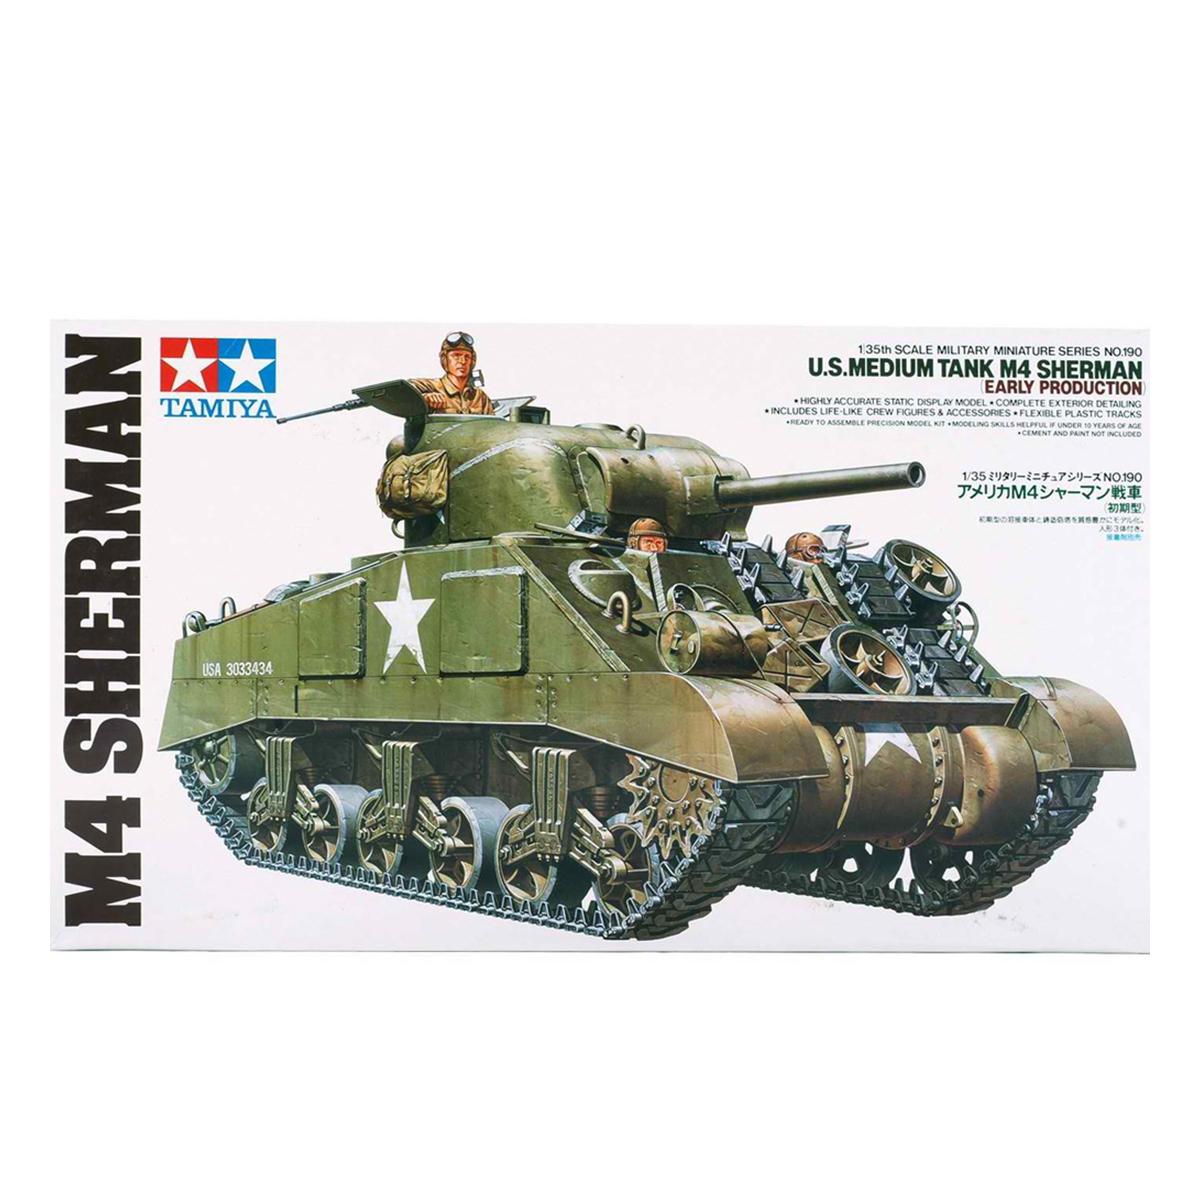 Tamiya 35190 1/35 U S  Medium Tank M4 Sherman (Early Production) Model Kit